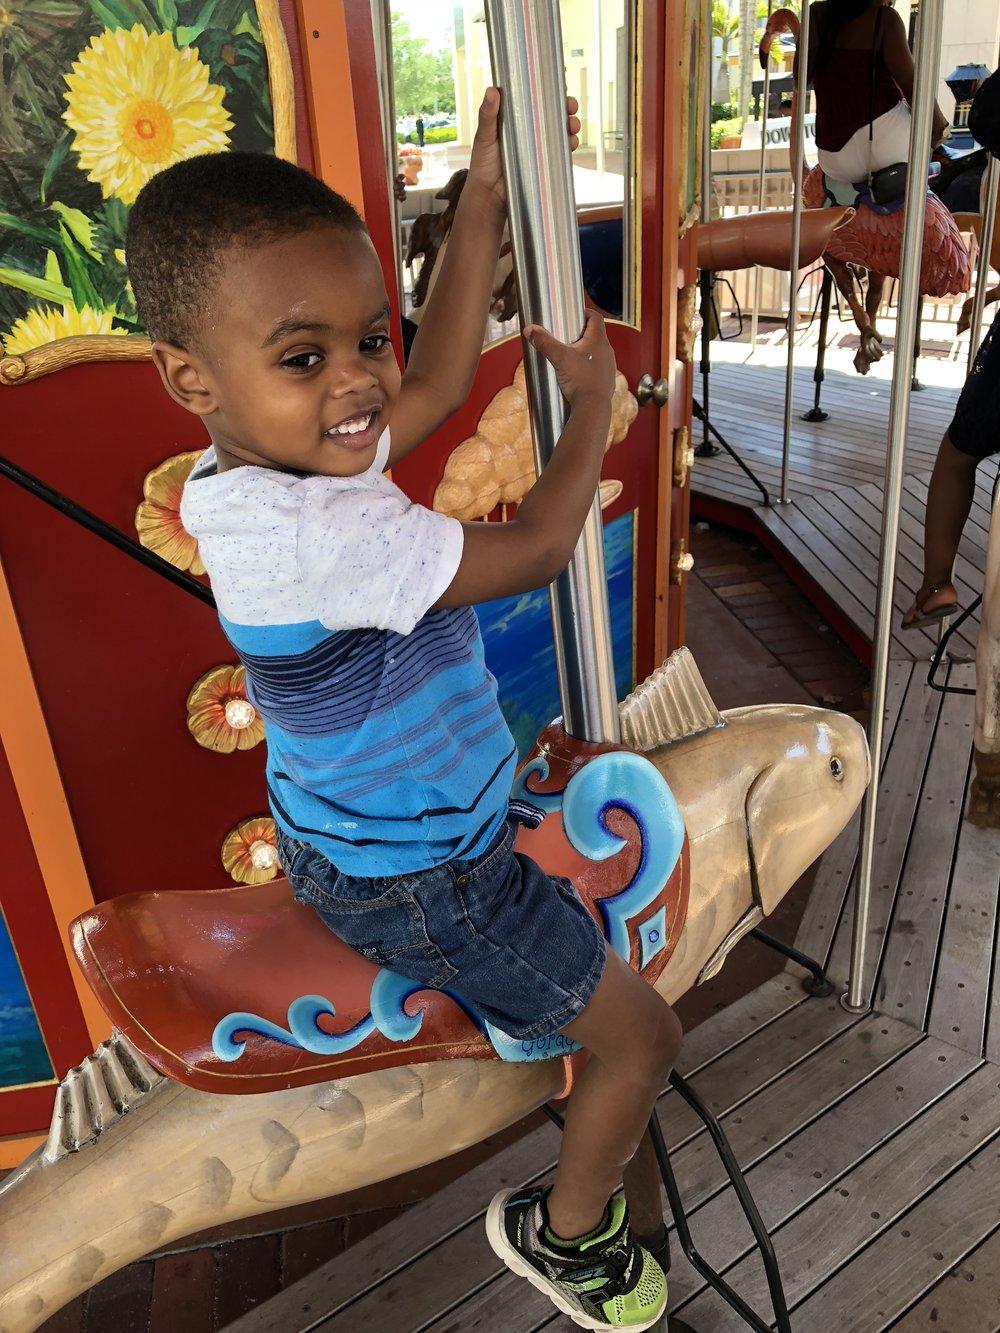 Zion enjoying the carousel